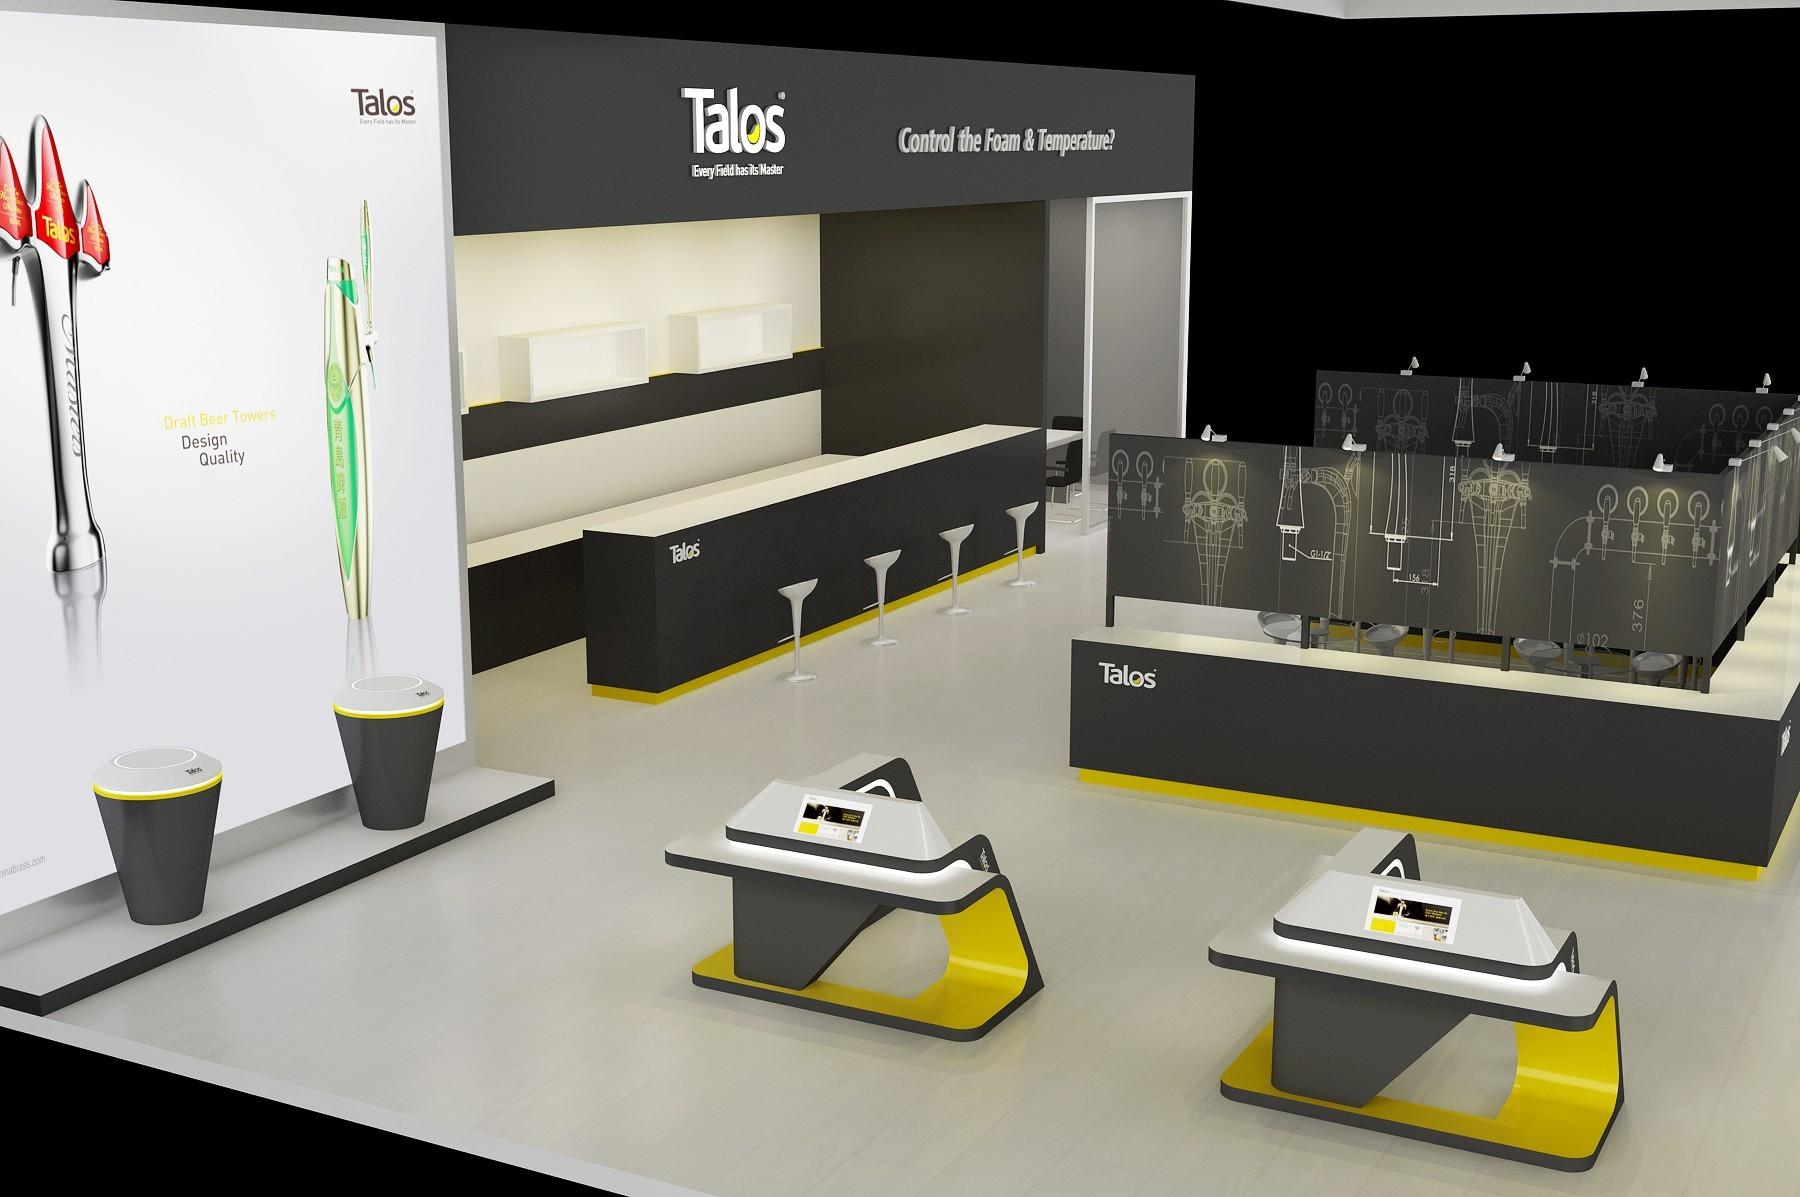 工业品品牌展览展厅设计-塔罗斯1e423272d22242860fb18bd5823631c4